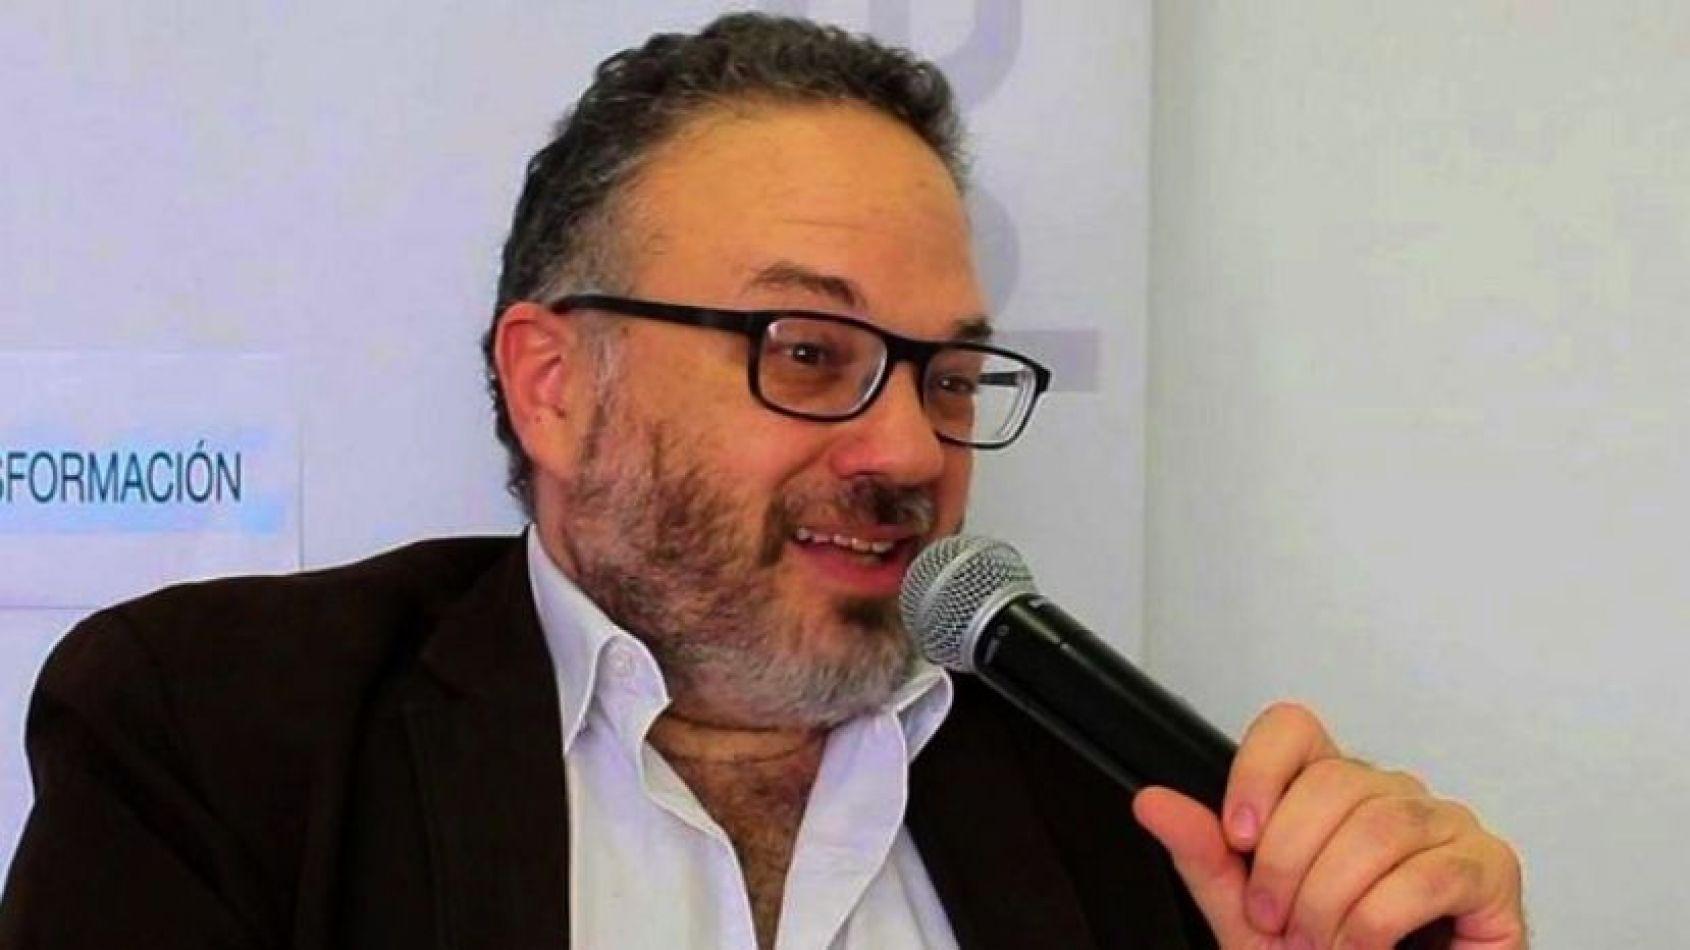 Confirmado: Matías Kulfas será el próximo ministro de Economía